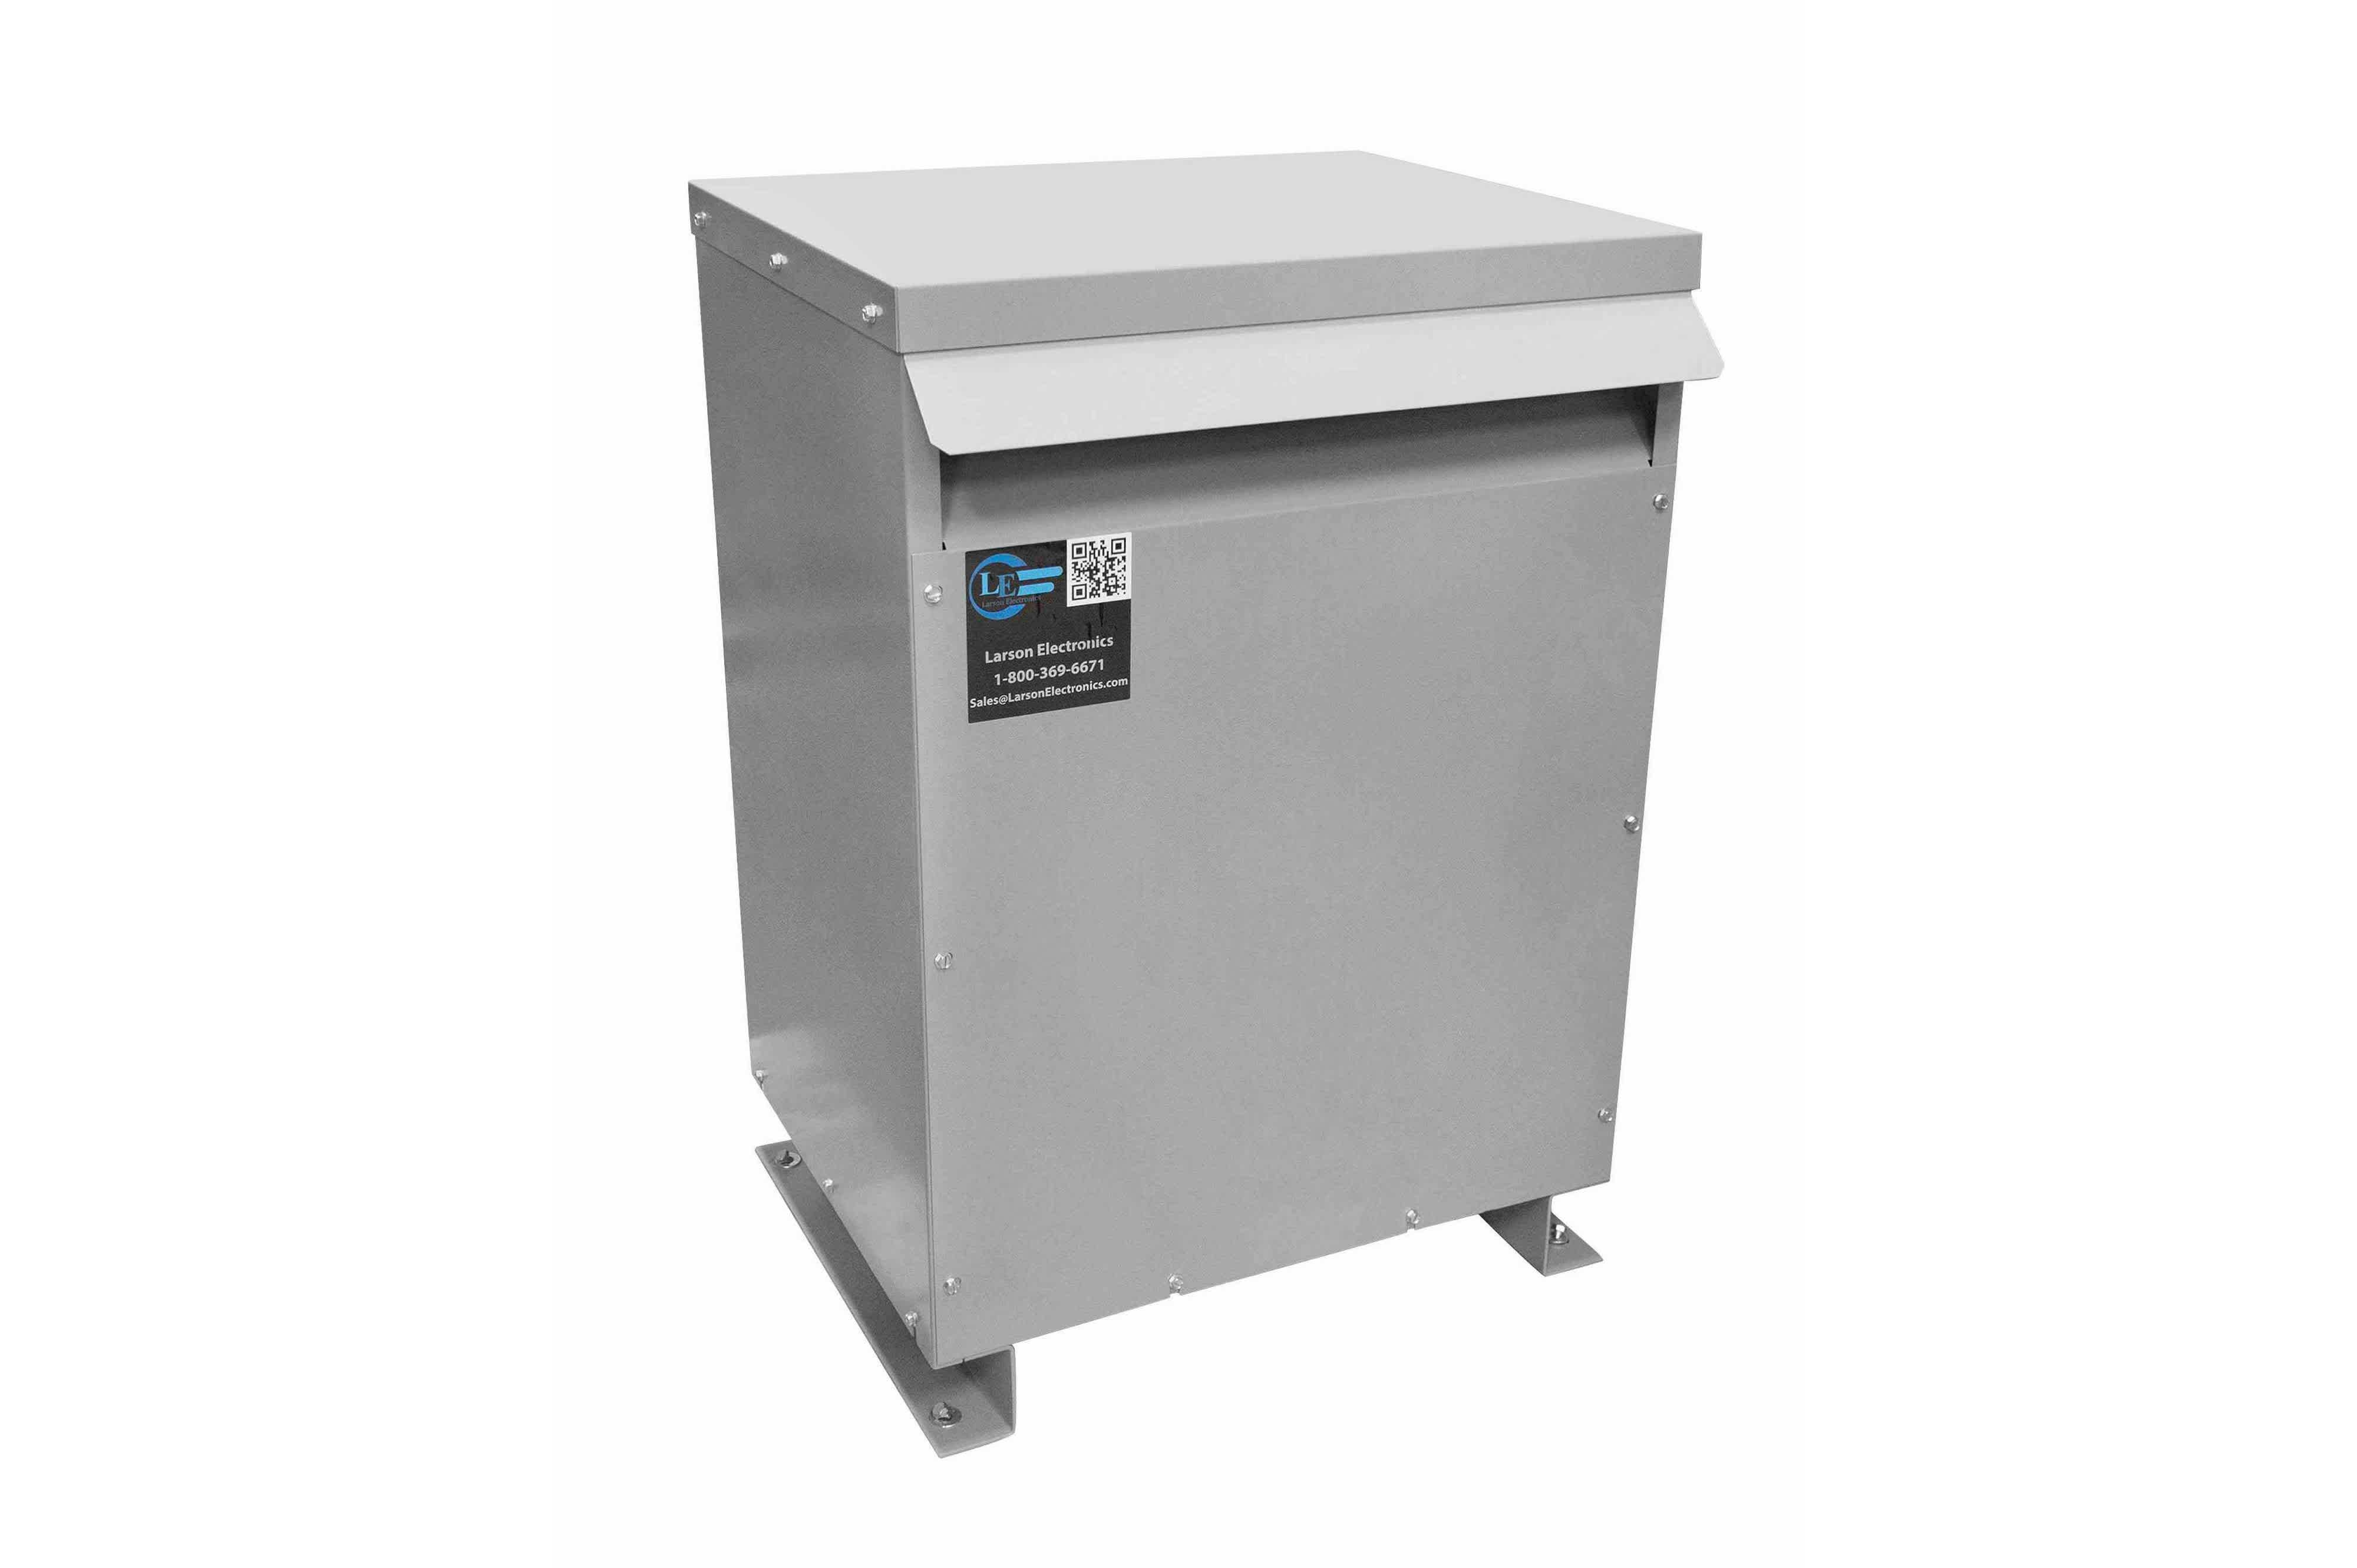 30 kVA 3PH Isolation Transformer, 380V Delta Primary, 208V Delta Secondary, N3R, Ventilated, 60 Hz